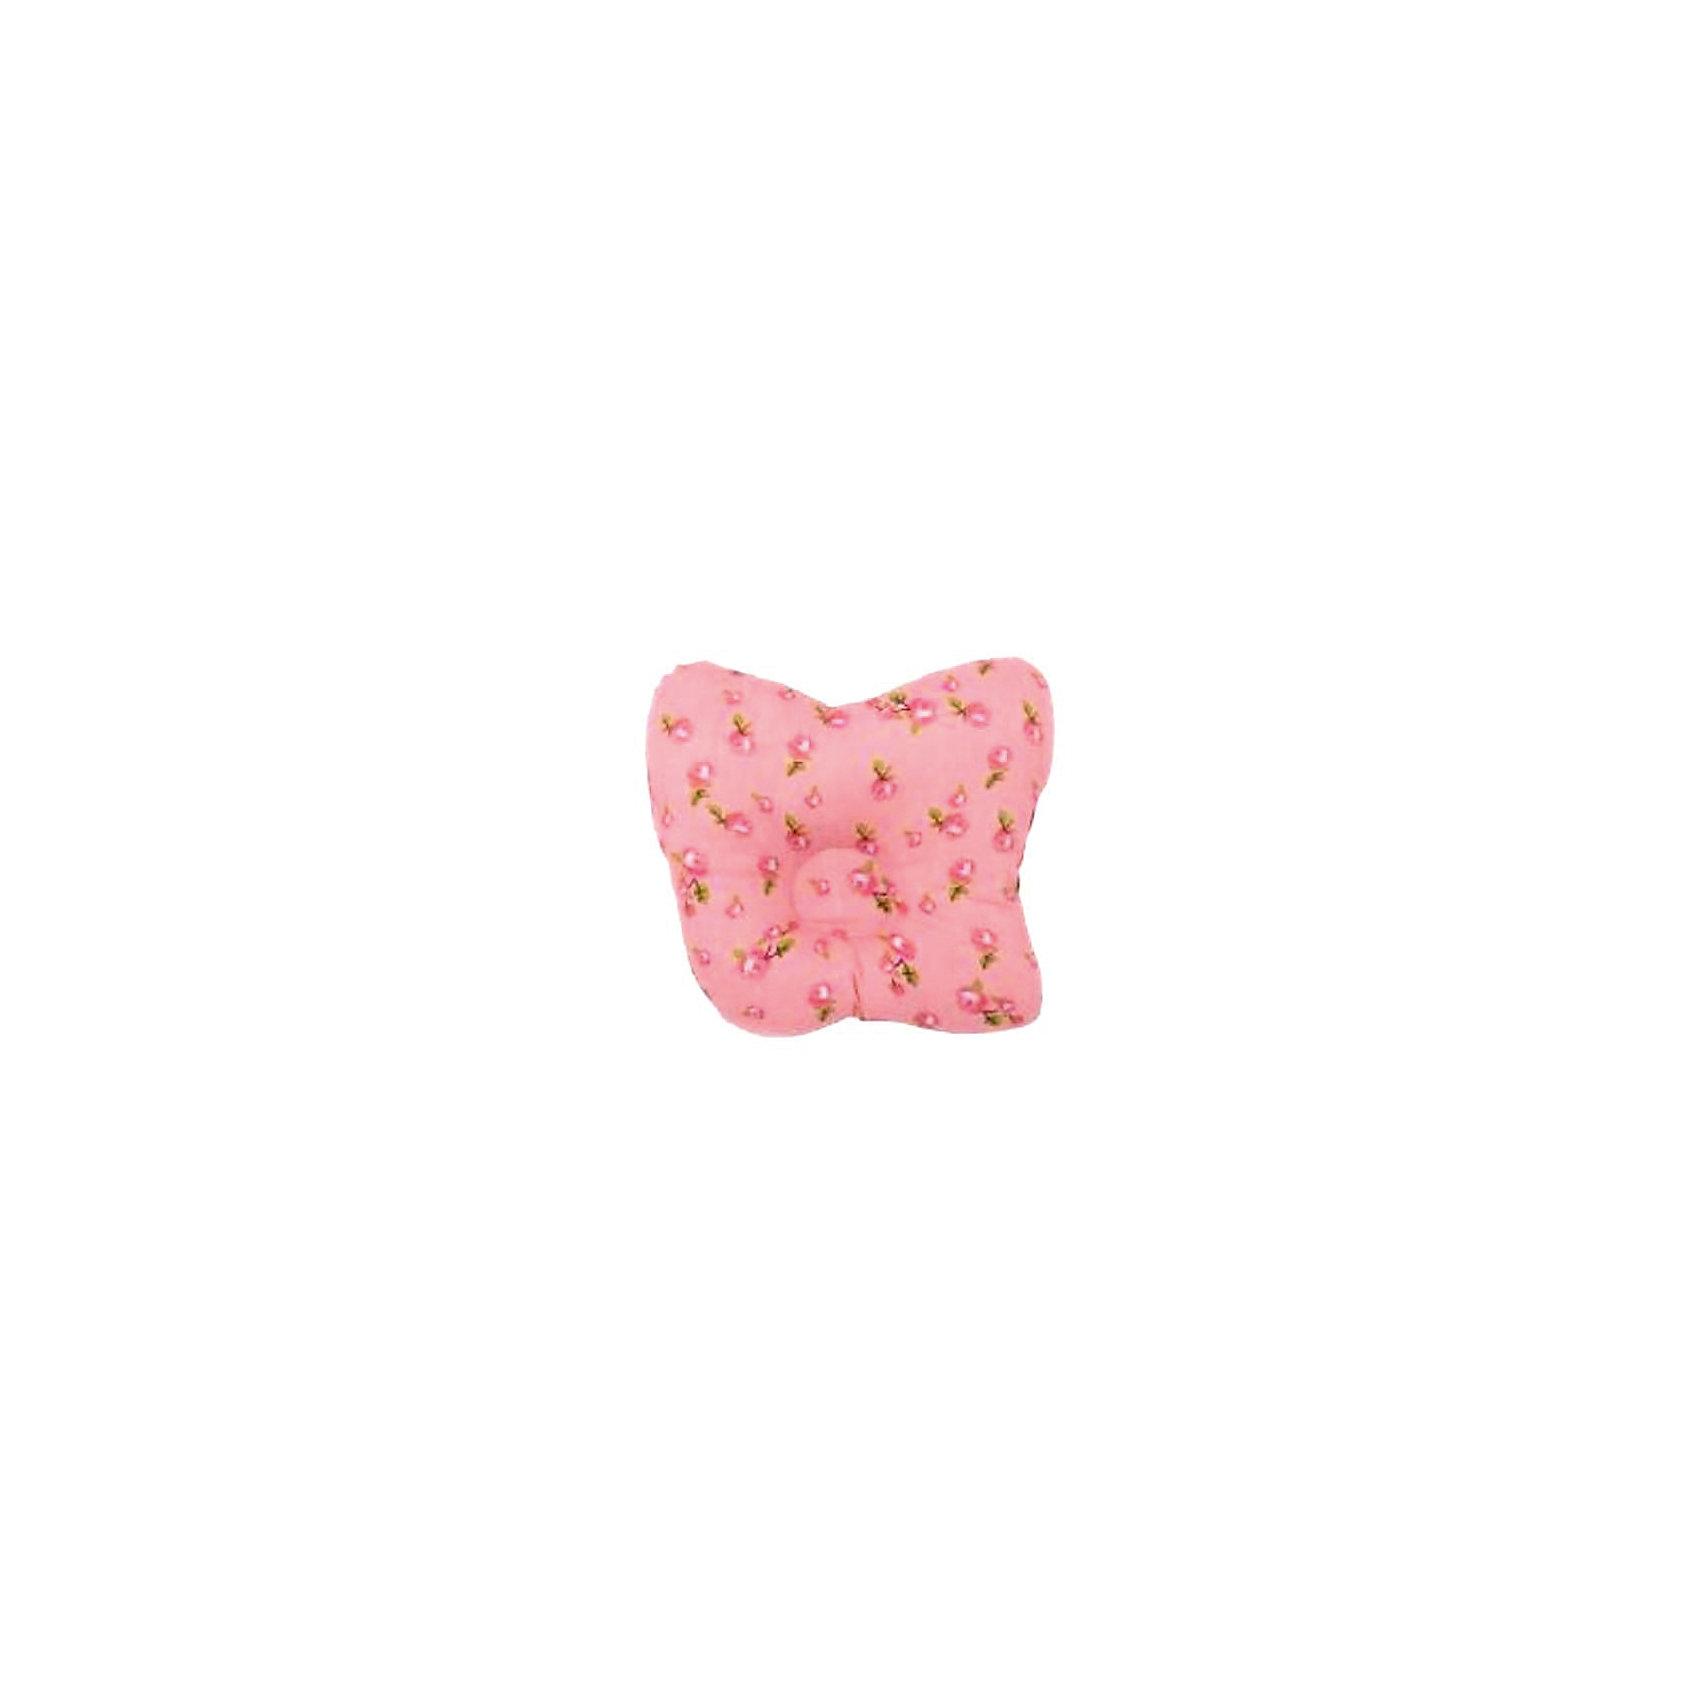 Подушка анатомическая Гусиная лапка, Leader Kids, розовый, бязьПодушка анатомическая Гусиная лапка, Leader kids, розовый, бязь ? подушка предназначена для новорожденных. Имеет анатомическую форму с ортопедическими свойствами. Подушка выполнена в форме бабочки, в середине имеется углубление, такая форма позволяет снизить нагрузку на шейный отдел младенца. Верх подушки изготовлен из прочной бязи, в качестве наполнителя использован полиэстер, который обладает высокими гипоаллергенными свойствами. Изделие долгое время сохраняет форму, достаточно легкое в уходе. <br>Подушка анатомическая Гусиная лапка, Leader kids, розовый, бязь обеспечит ребенку не только крепкий и здоровый сон, но и послужит профилактикой развития кривошеи. Подушки от Leader kids ? это удобство, комфорт и безопасность для вашего ребенка!<br><br>Дополнительная информация:<br><br>- Предназначение: для отдыха, для сна<br>- Материал: бязь, 100% хлопок<br>- Наполнитель: полиэстер<br>- Цвет: розовый<br>- Размеры (Д*Ш*В): 25*25*30 см<br>- Вес: 200 г<br>- Особенности ухода: разрешается стирка при температуре не более 40 градусов<br><br>Подробнее:<br><br>• Для детей в возрасте от 0 месяцев и до 3 лет<br>• Страна производитель: Россия<br>• Торговый бренд: Leader kids<br><br>Подушка анатомическая Гусиная лапка, Leader kids, синий, бязь можно купить в нашем интернет-магазине.<br><br>Ширина мм: 250<br>Глубина мм: 25<br>Высота мм: 30<br>Вес г: 200<br>Возраст от месяцев: 0<br>Возраст до месяцев: 6<br>Пол: Женский<br>Возраст: Детский<br>SKU: 5117193